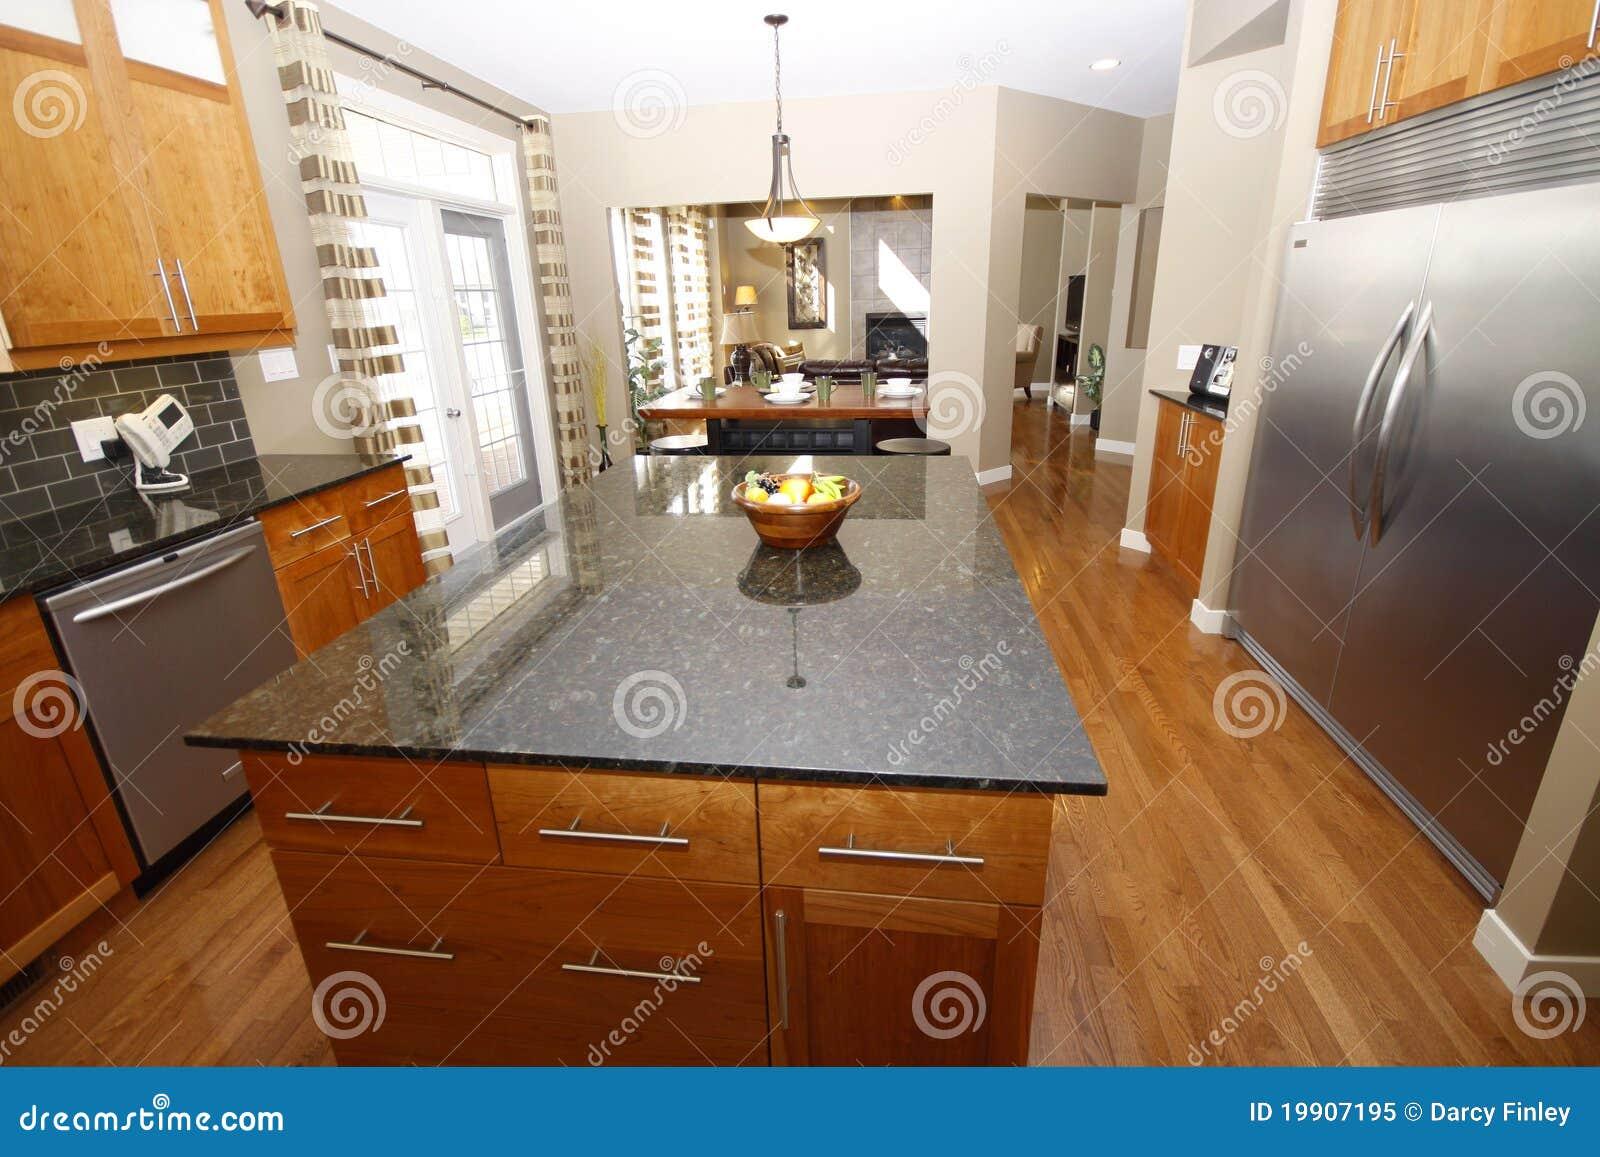 Küche stockbild. Bild von modern, lampe, küche, oberseite ...